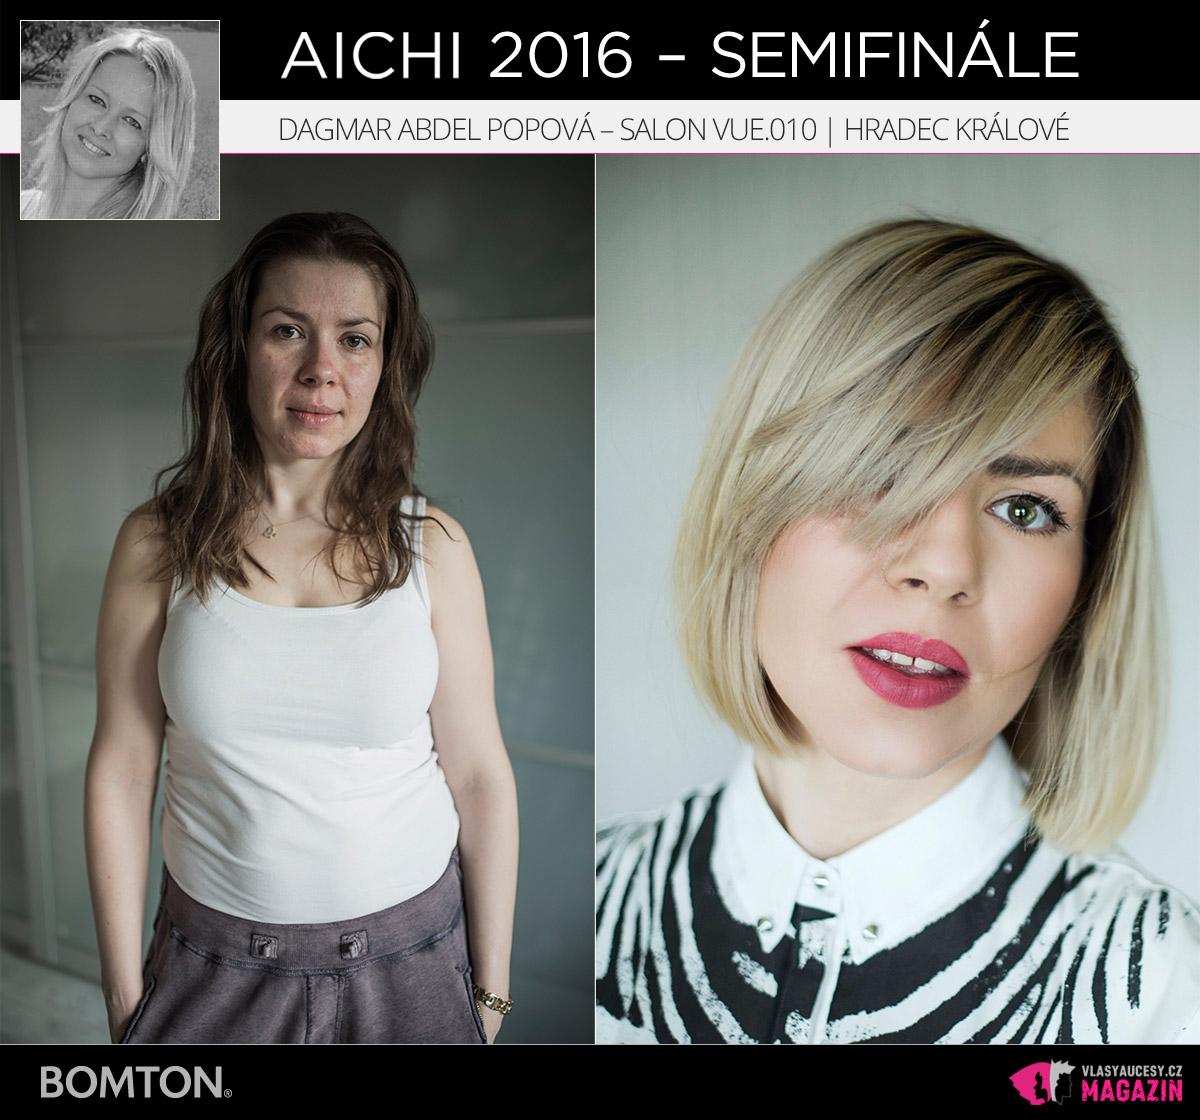 Nominační proměna AICHI 2016: Dagmar Abdel Popová, Salon VUE.010, Hradec Králové